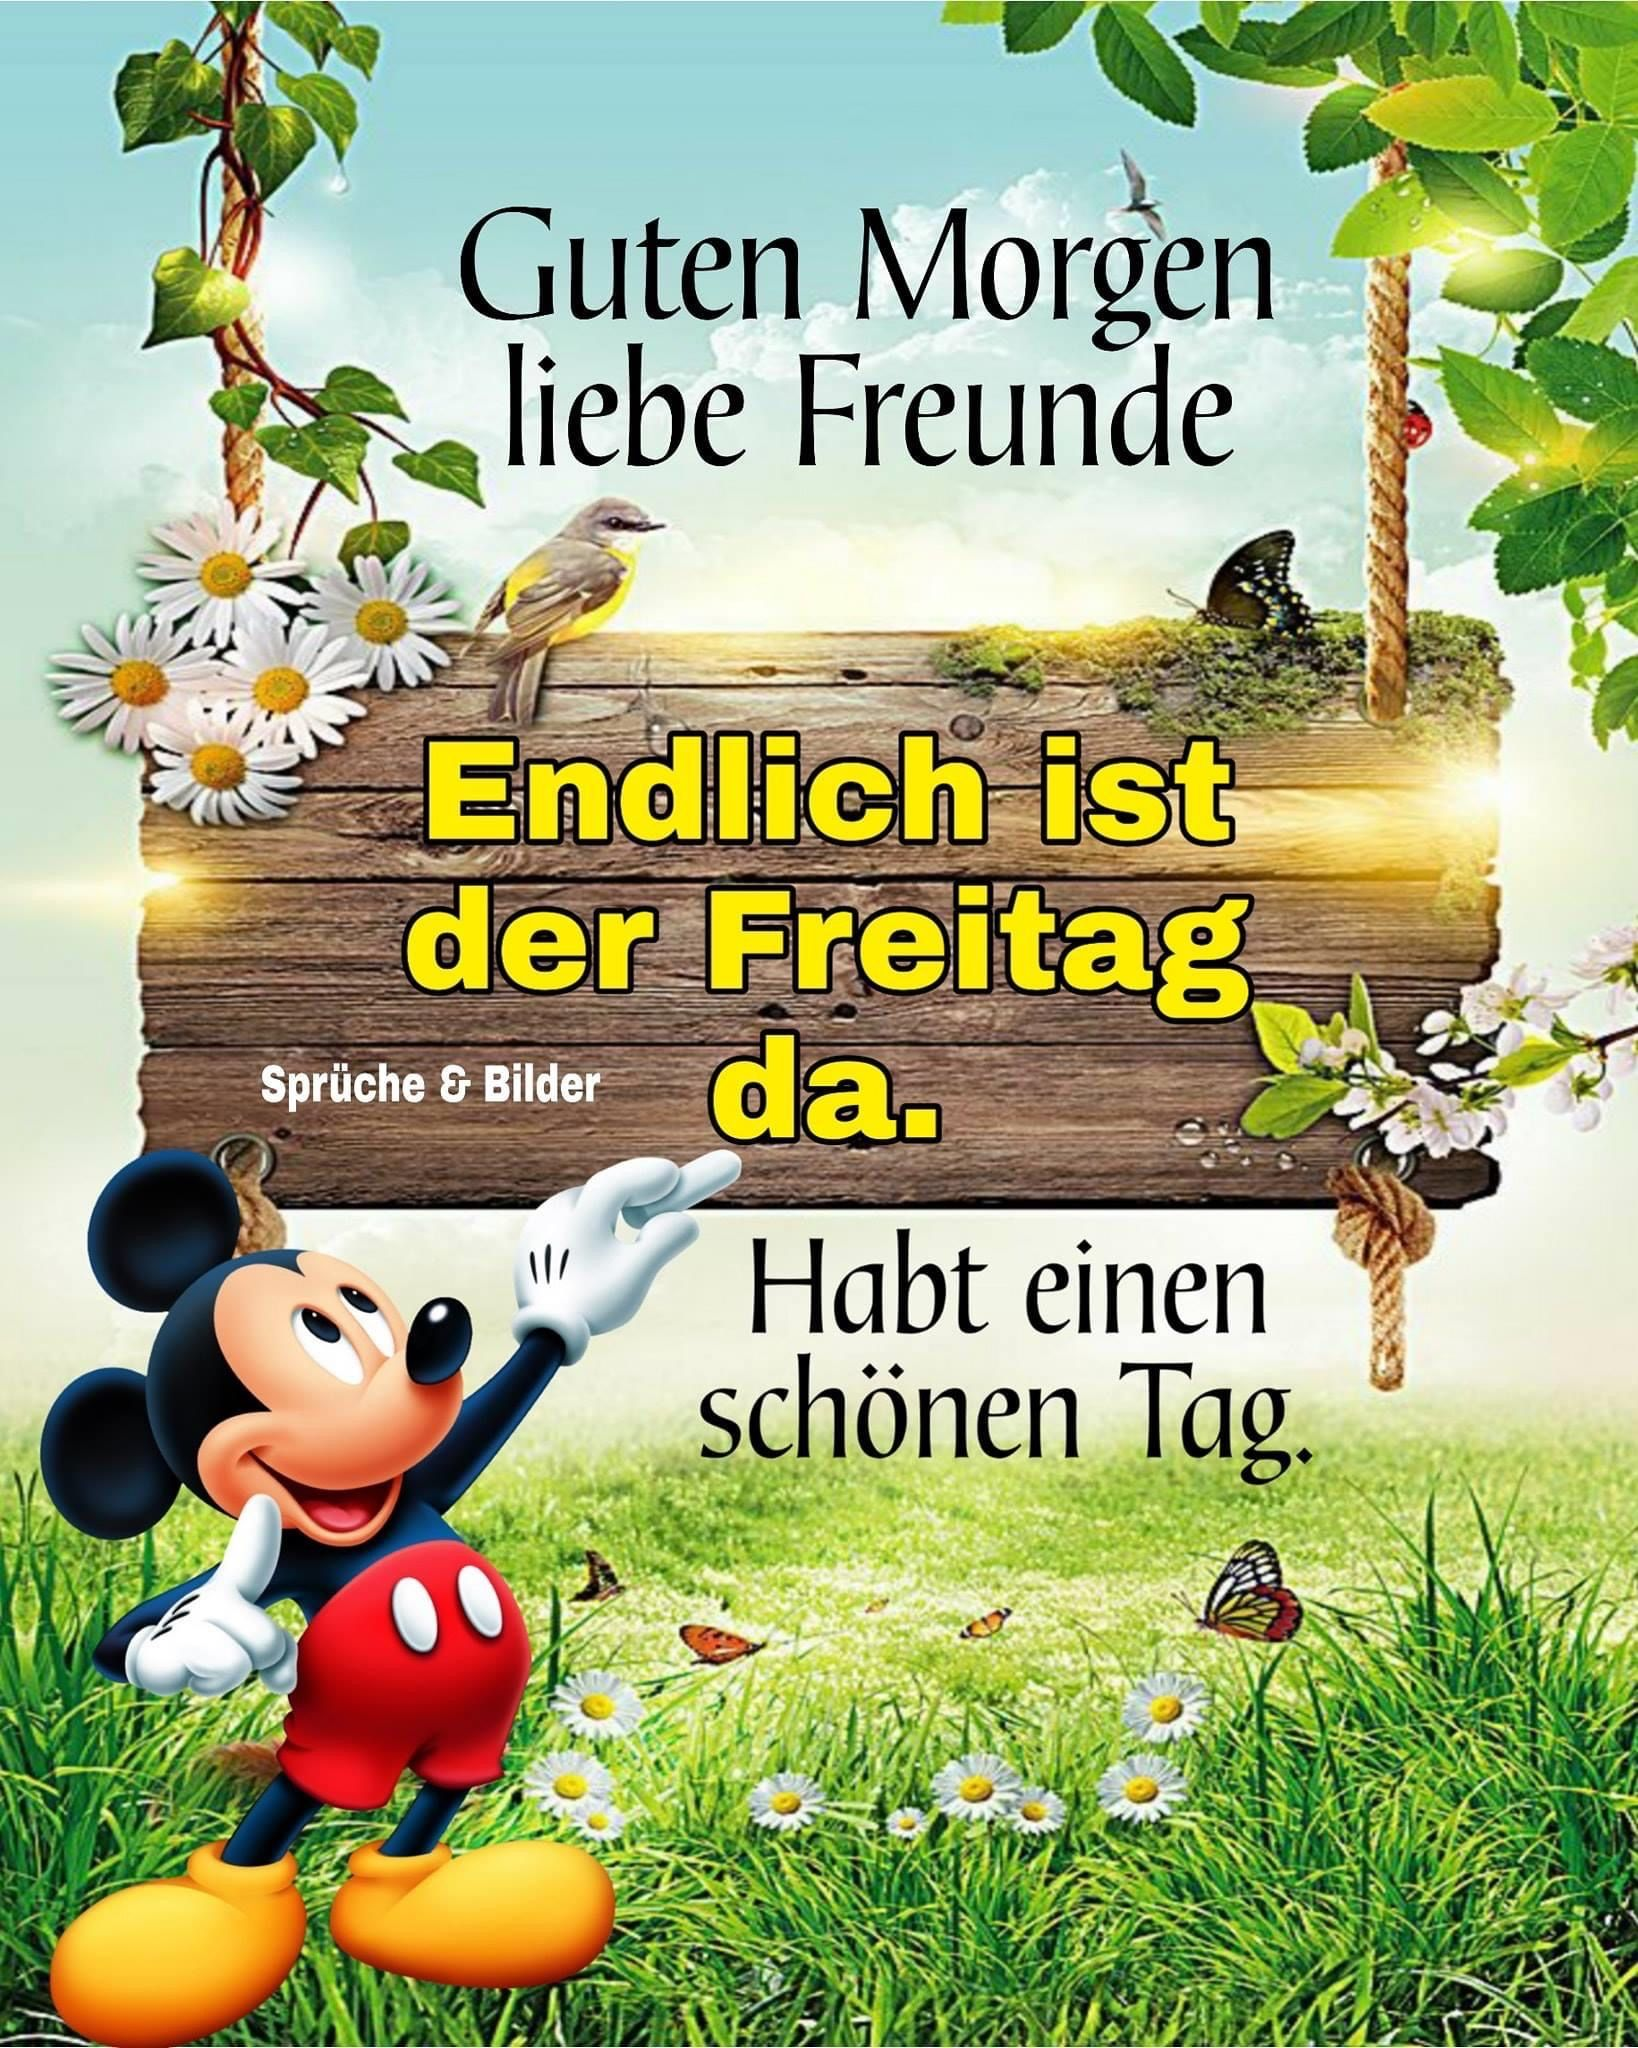 Pin von Karin Kramer auf German   Wochenende lustig